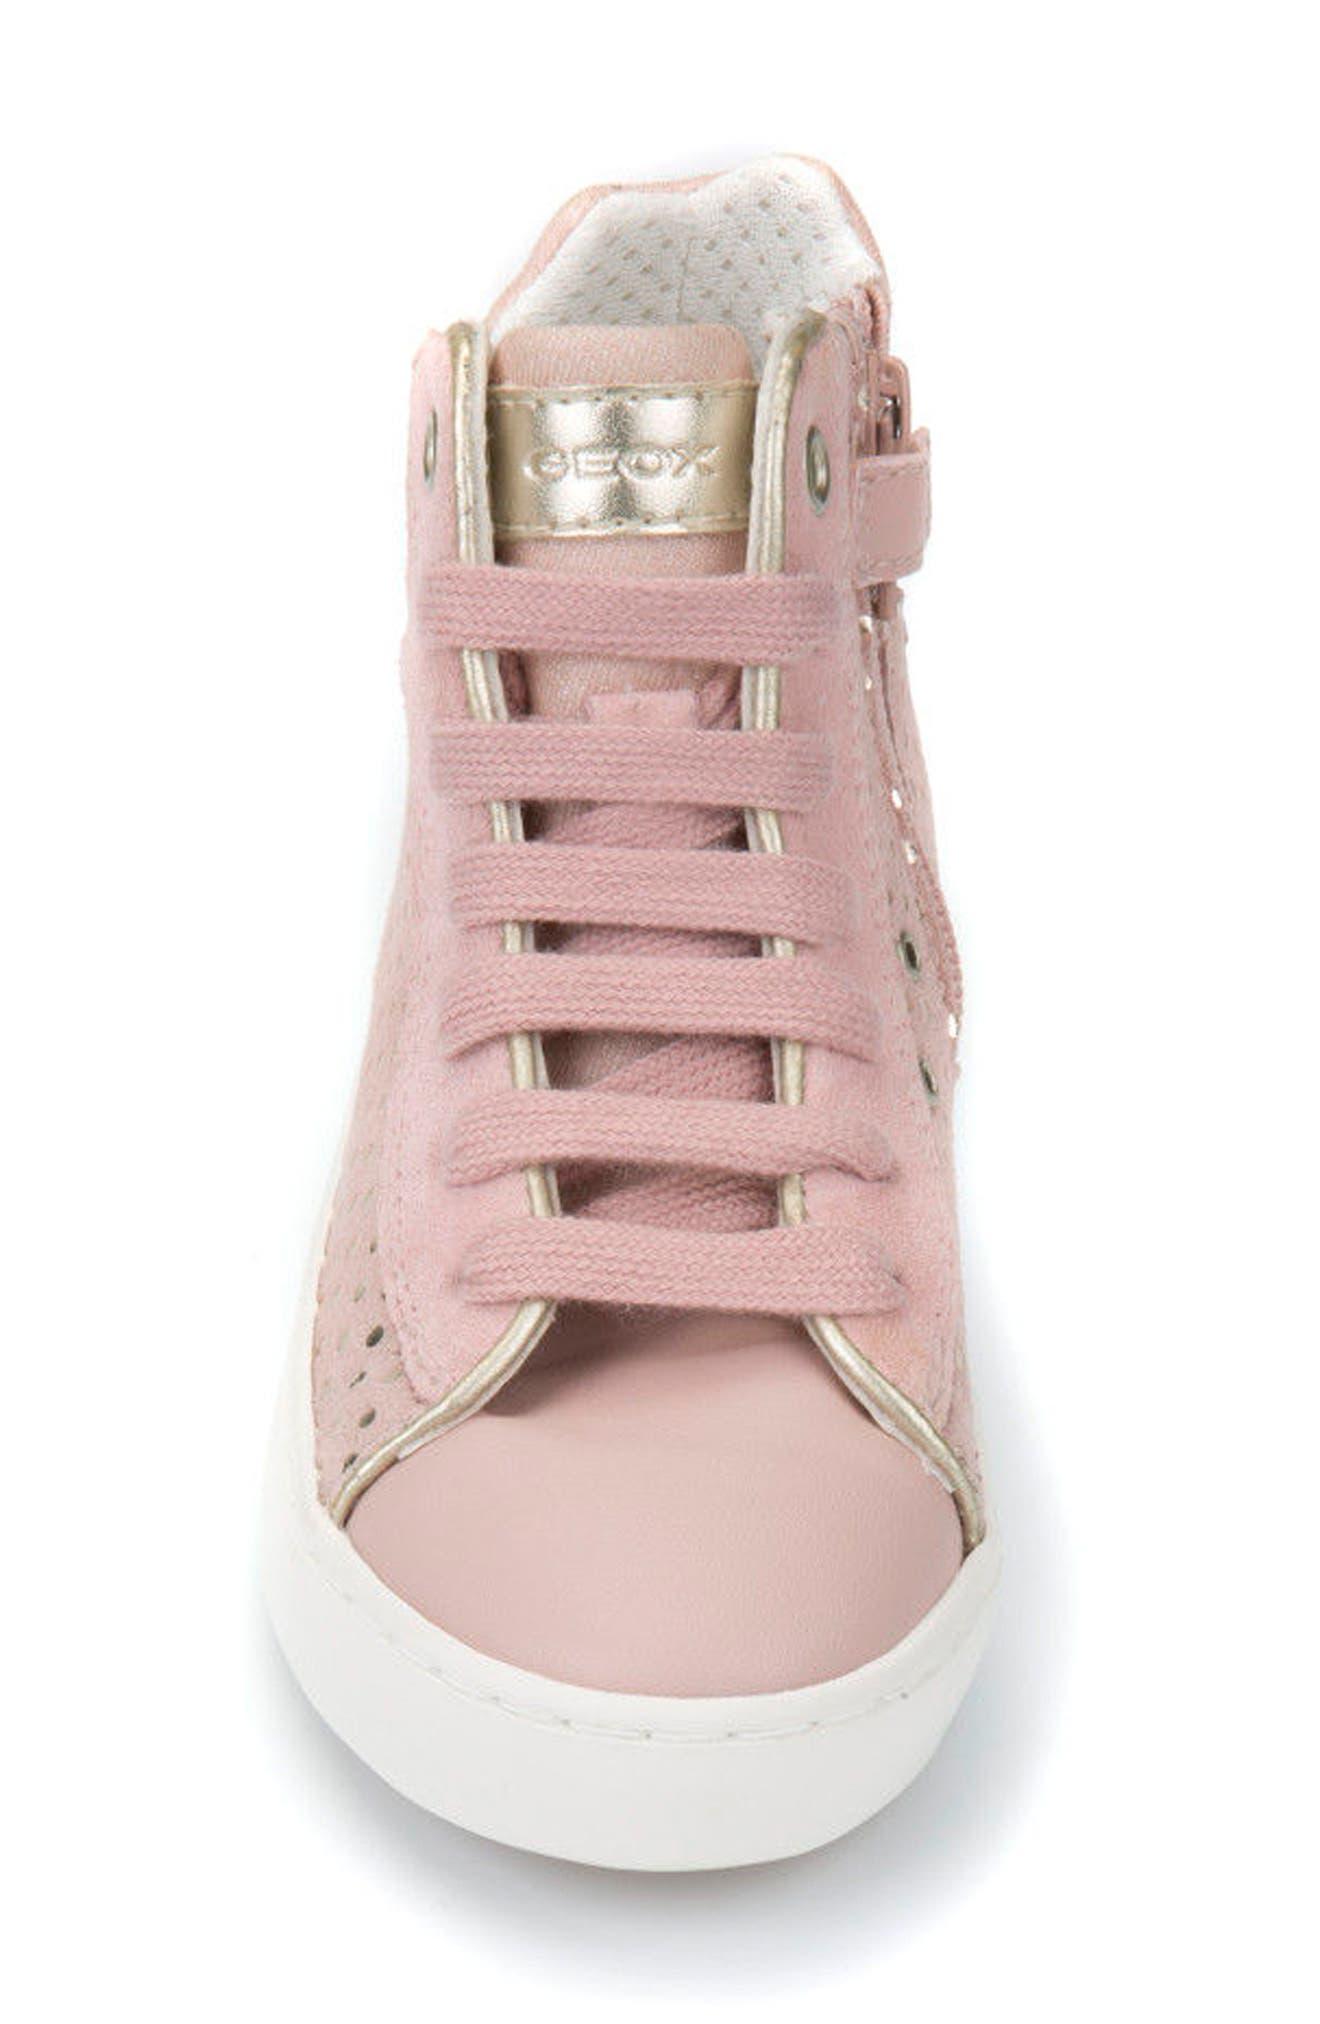 Kilwi High Top Zip Sneaker,                             Alternate thumbnail 4, color,                             Rose